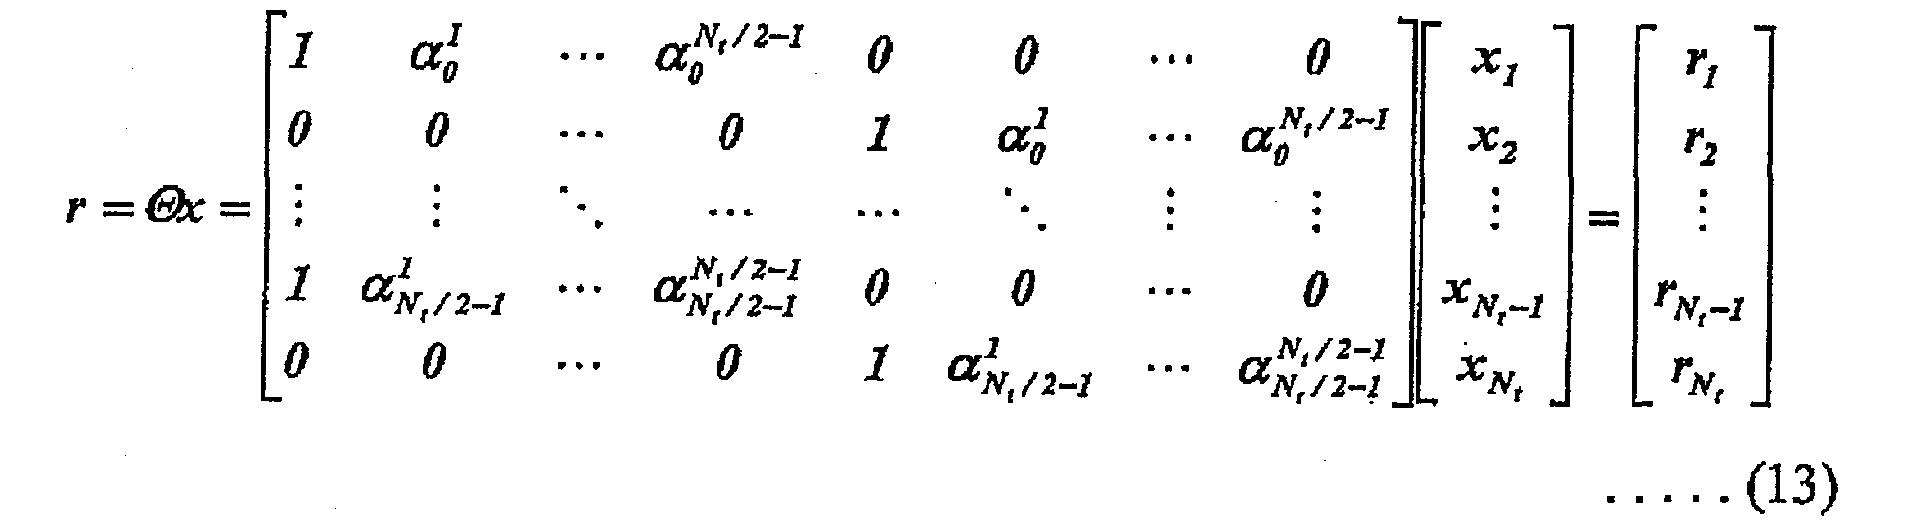 Figure CN1969522BD00193